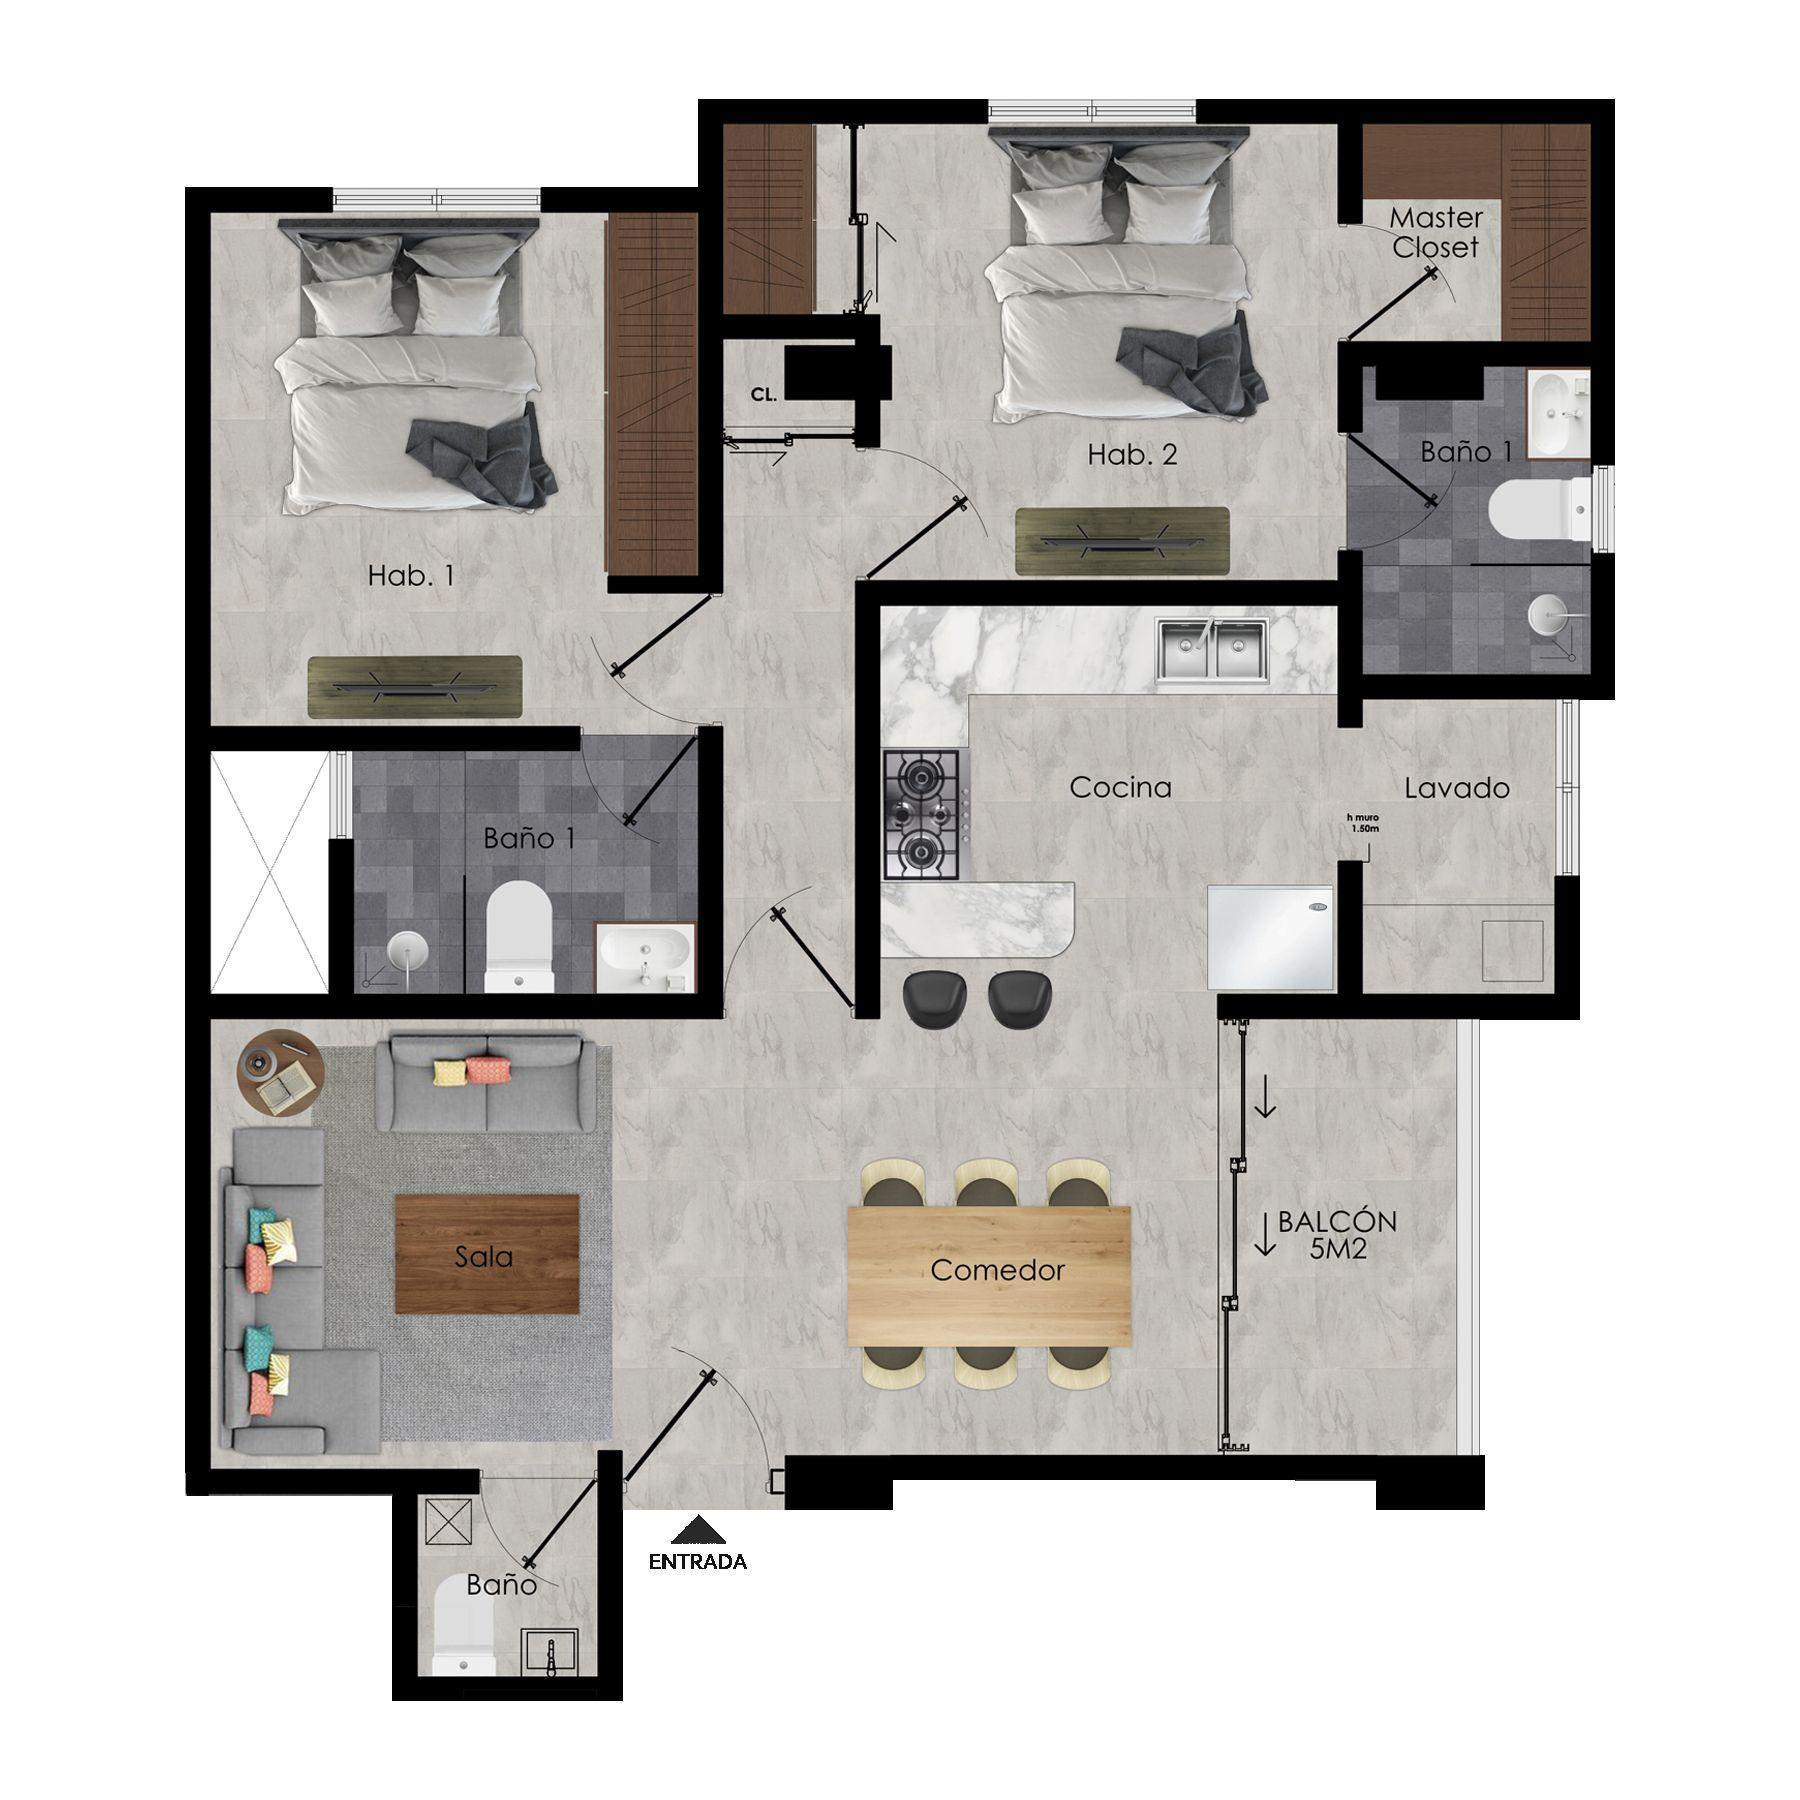 Apartamentos en venta próximo a MEGA CENTRO, Carretera Mella Sto. Dgo. Este 154914